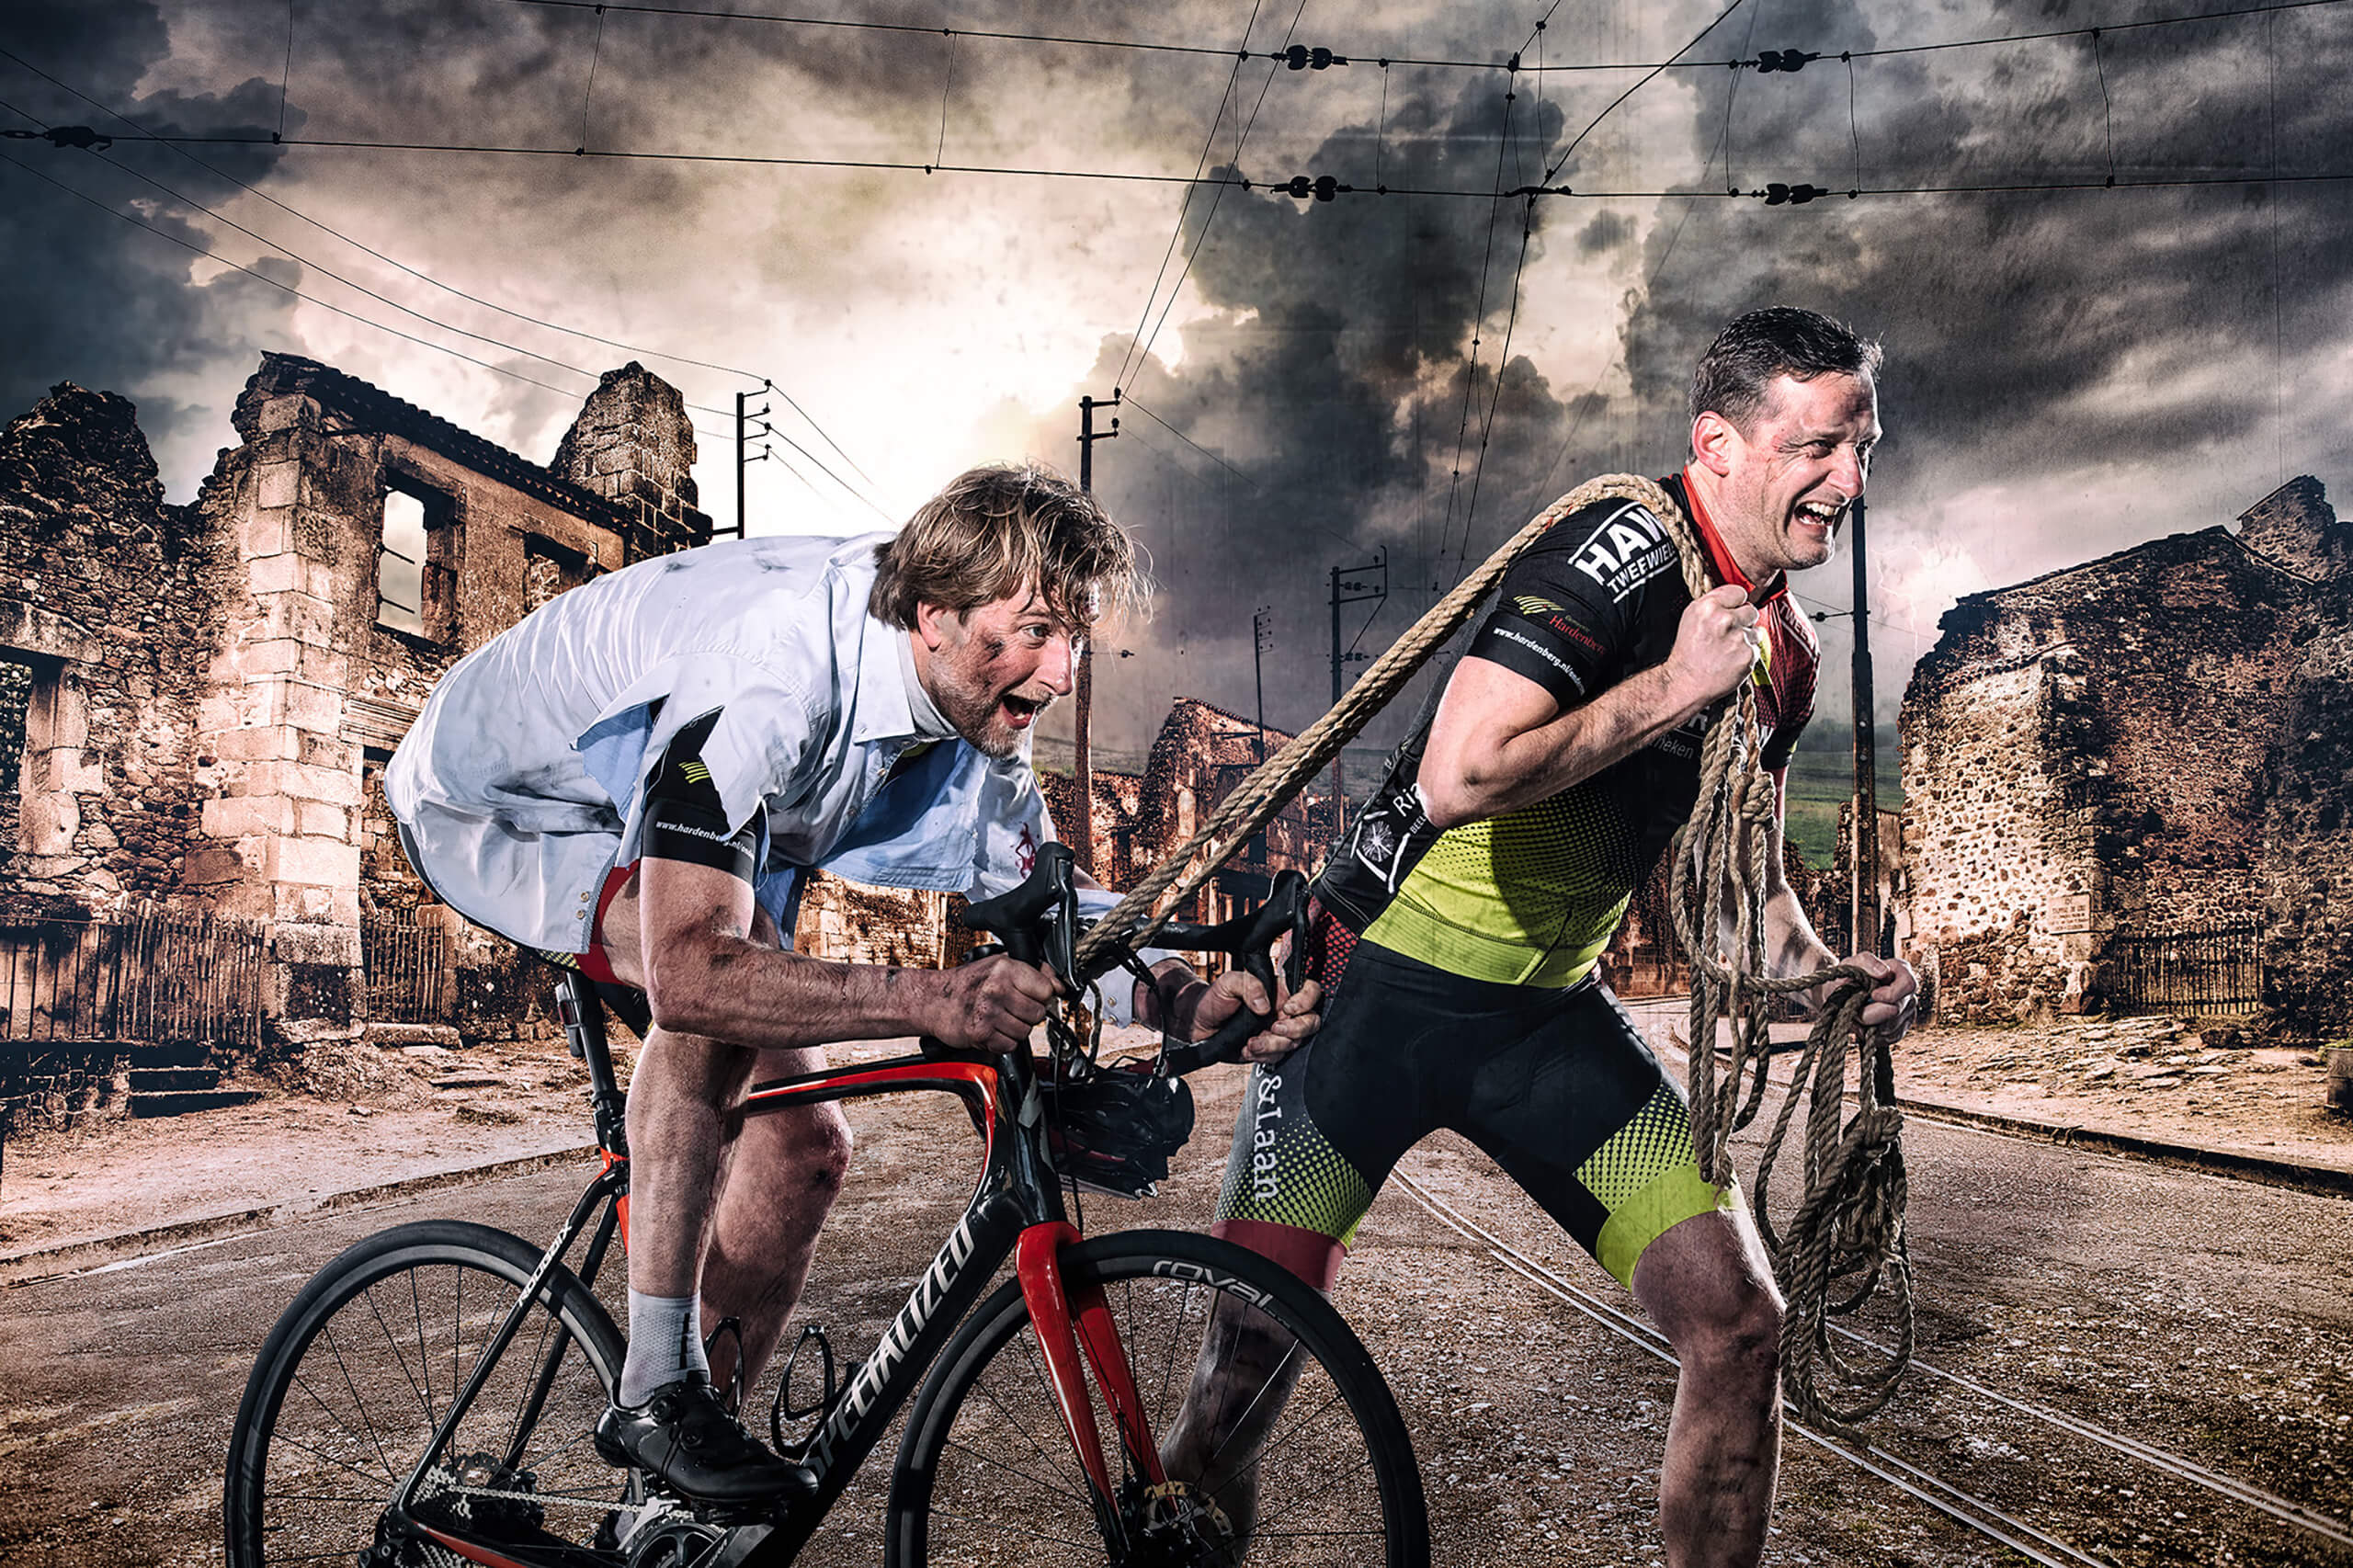 KWF kankerbestrijding Alpe d'huzes frankrijk tocht fietsen Tour de france parijs ijffeltoren routekaart reizen fietsen